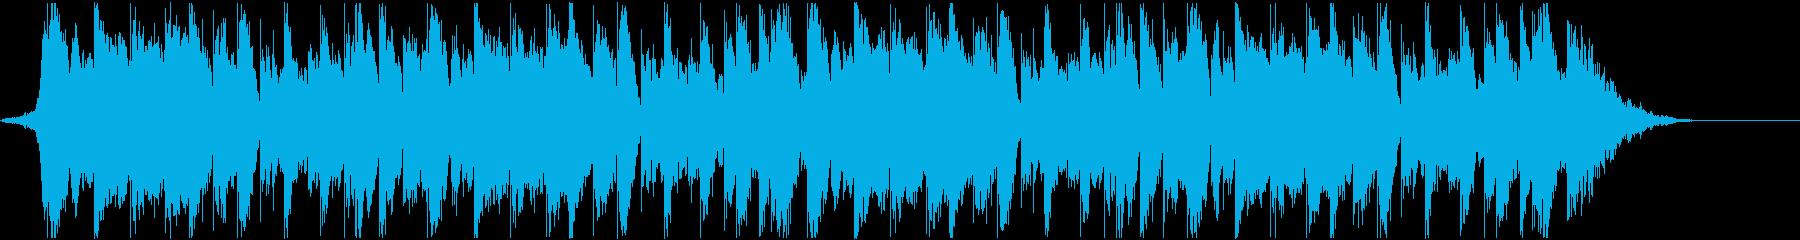 攻撃的・近代的・テクノロジーダブステップの再生済みの波形